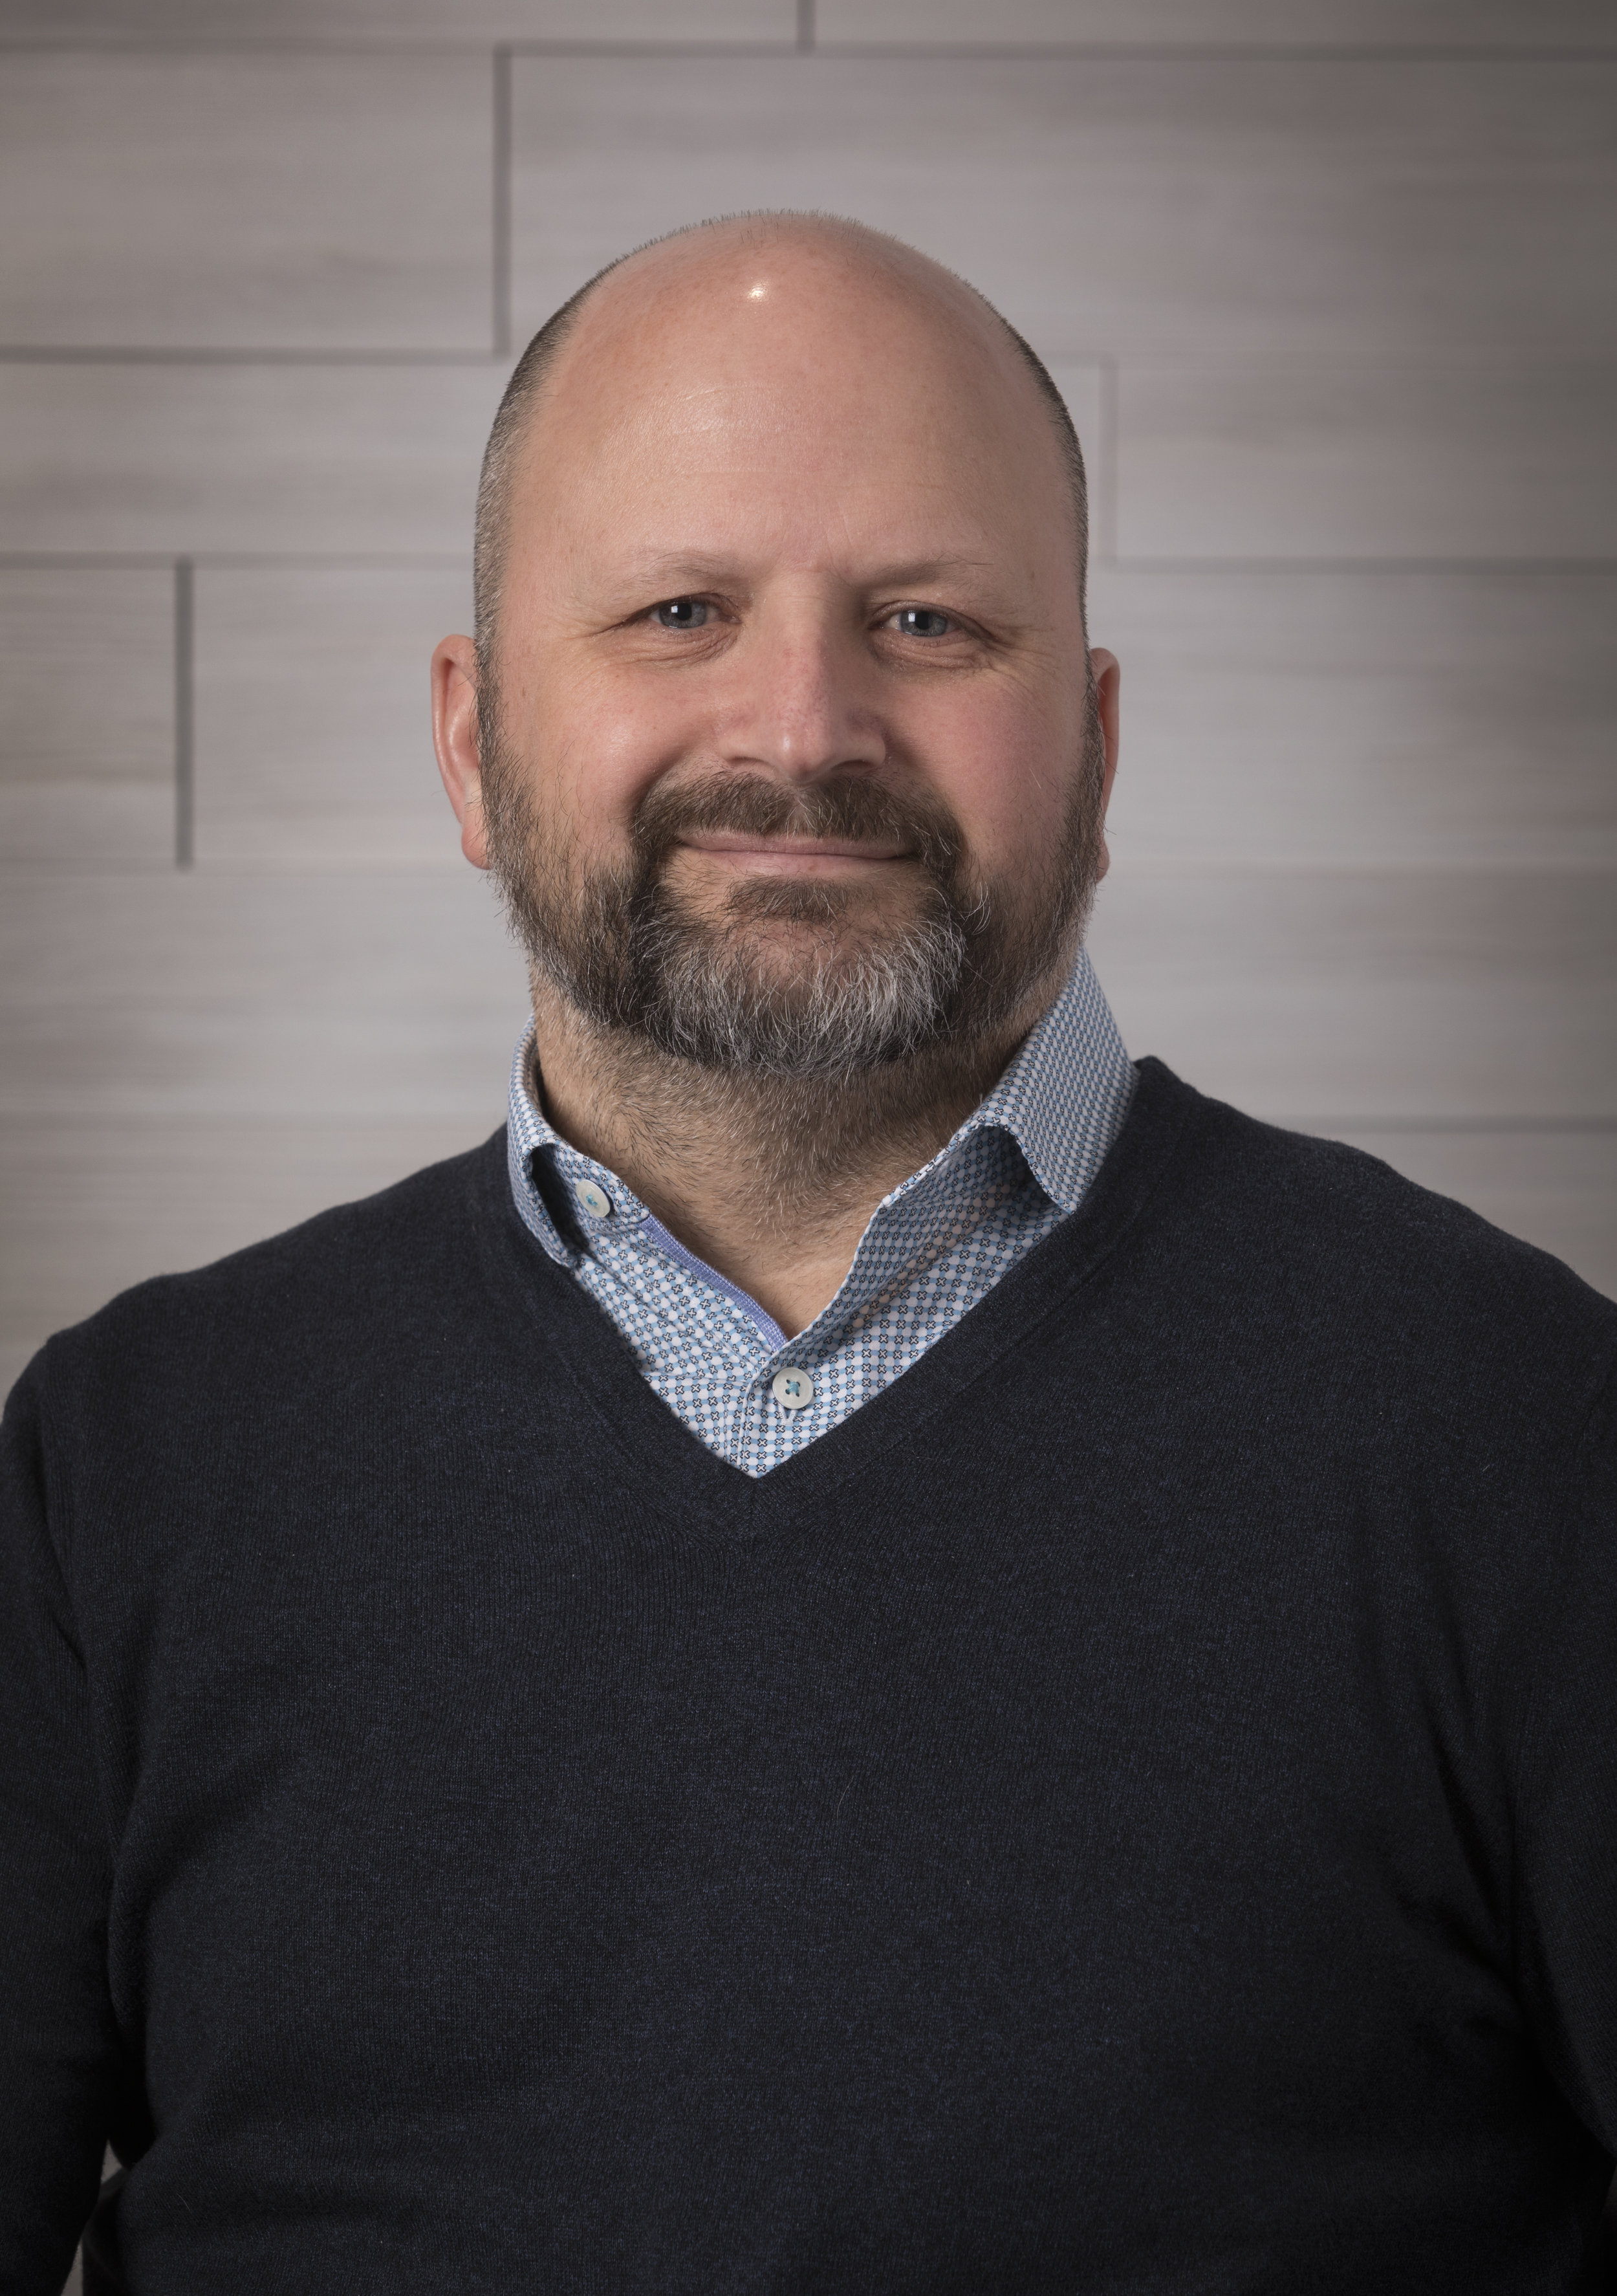 Jim Krempien, ACP Complaints Director